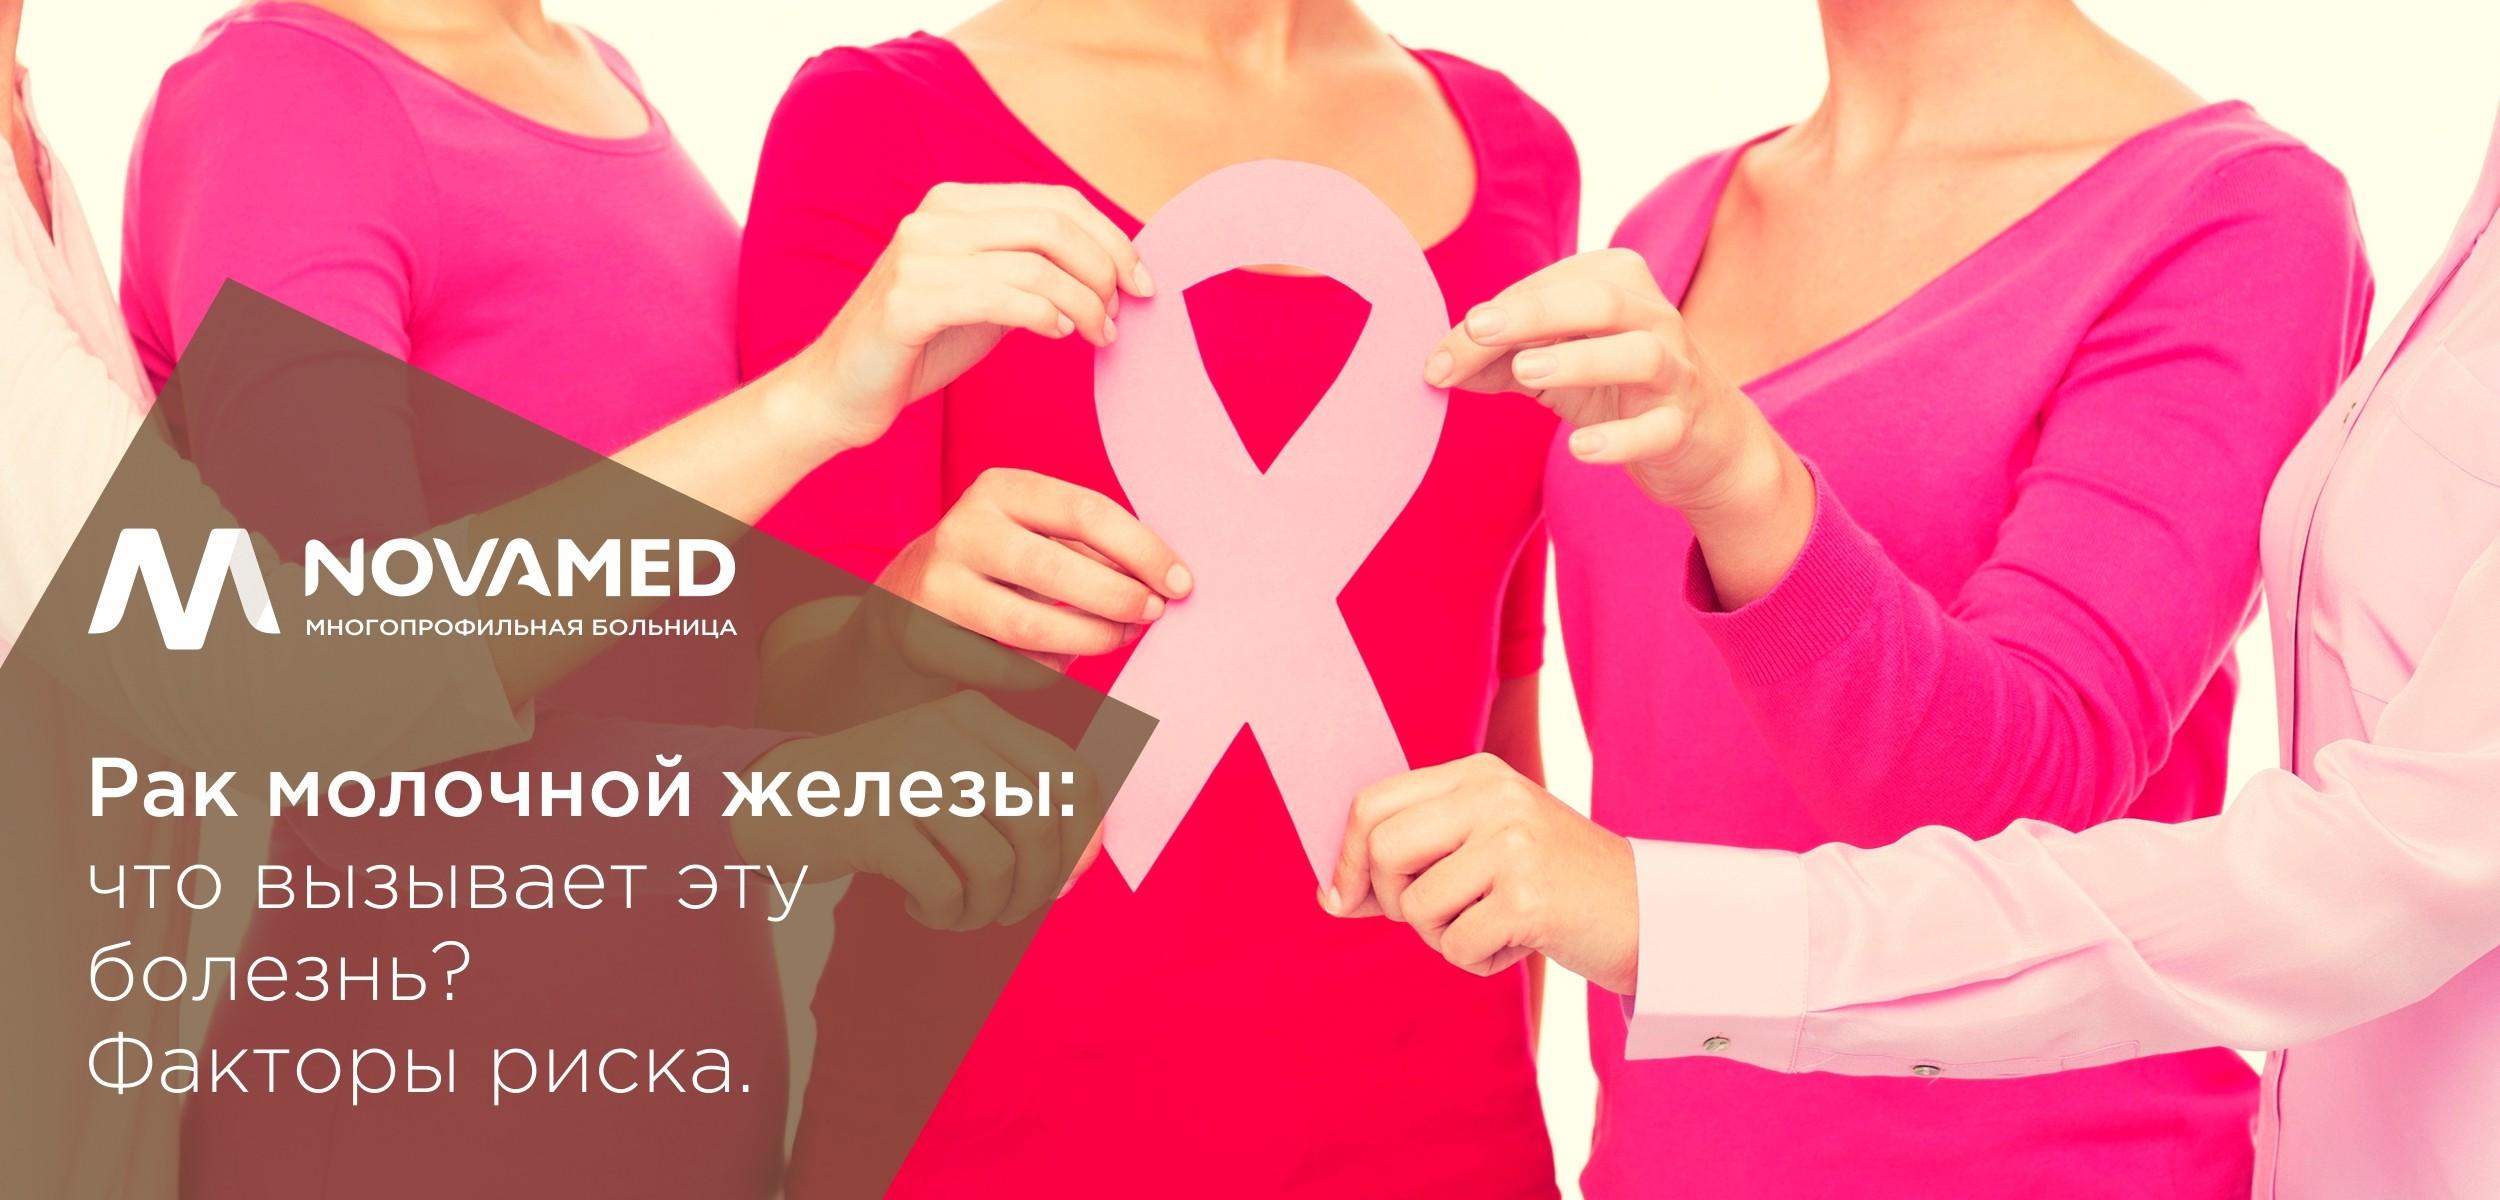 Novamed: Cancerul de sân - ce provoacă această boală